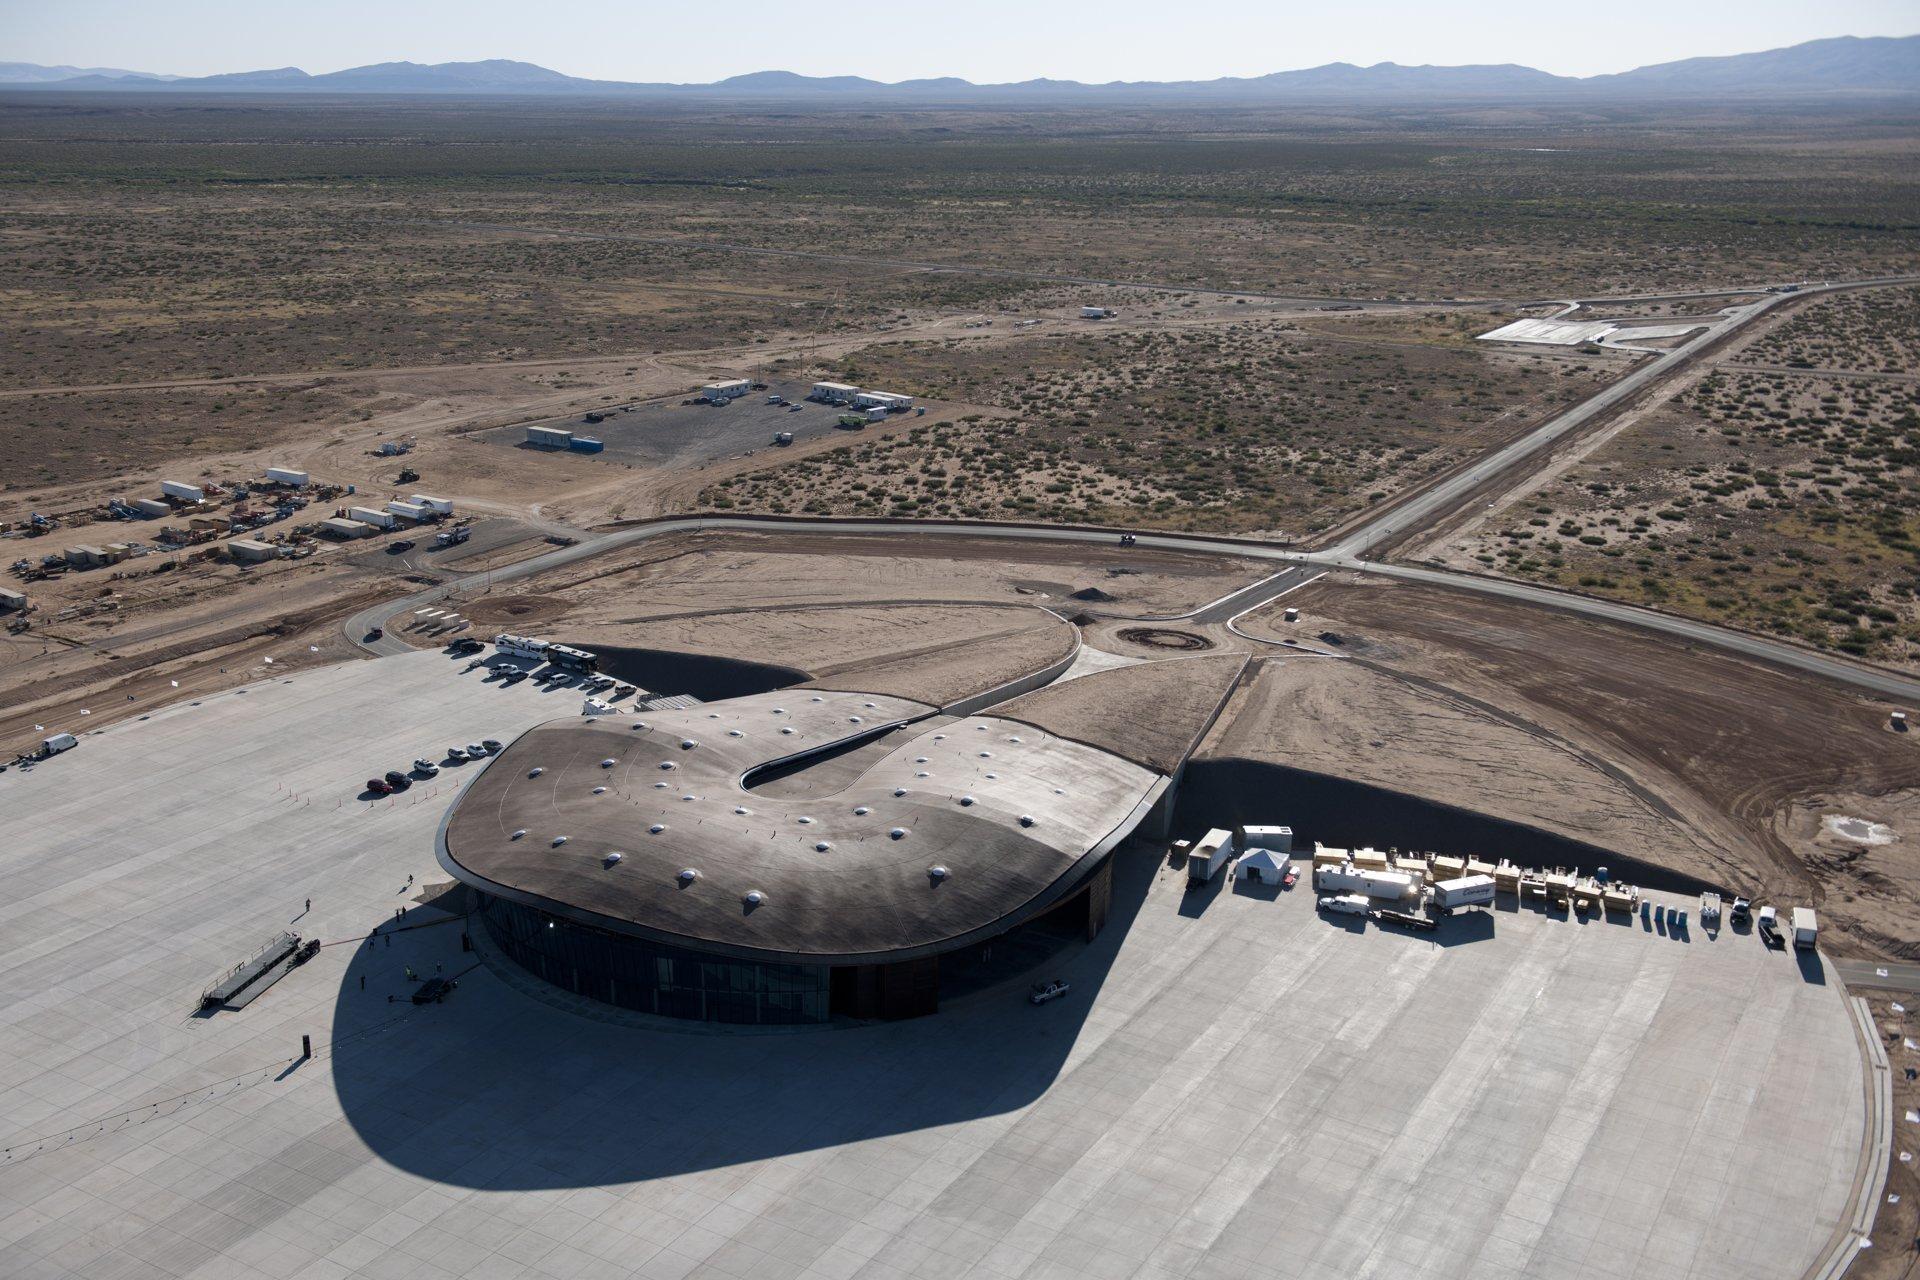 Плохая ставка, или Космопорт «Америка» как попытка Нью-Мексико вложиться в освоение космоса - 1